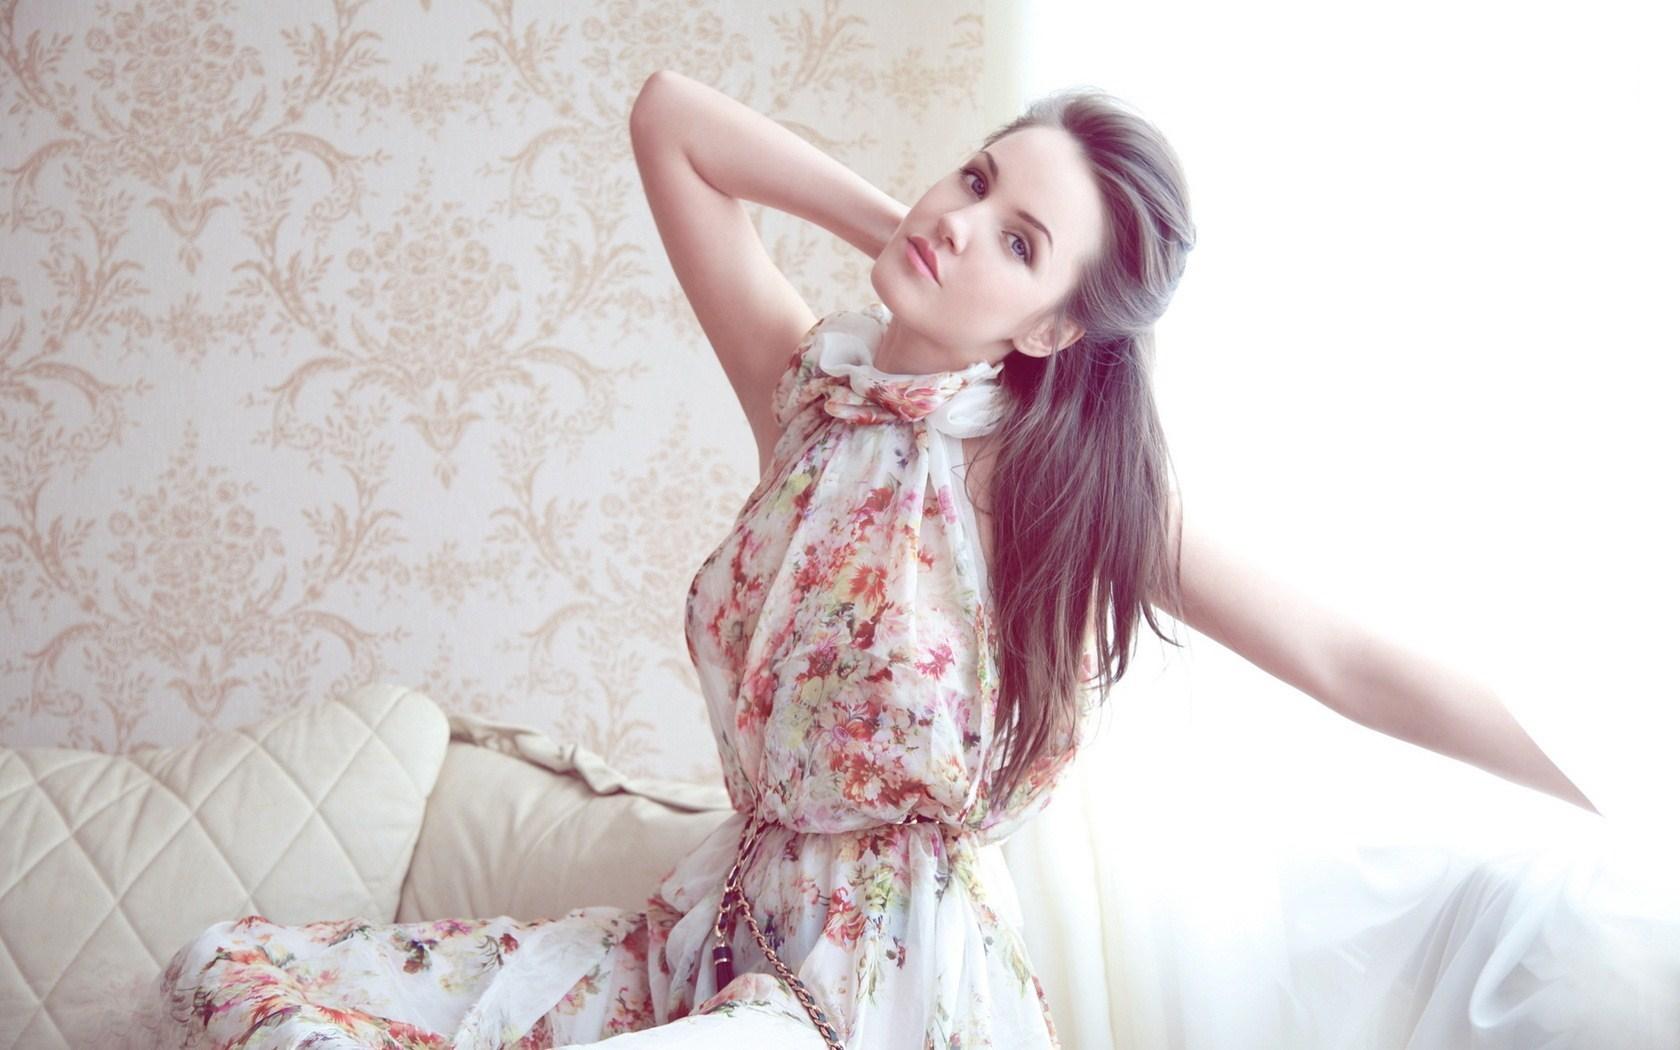 Beautiful Girl Dress Fashion Photo